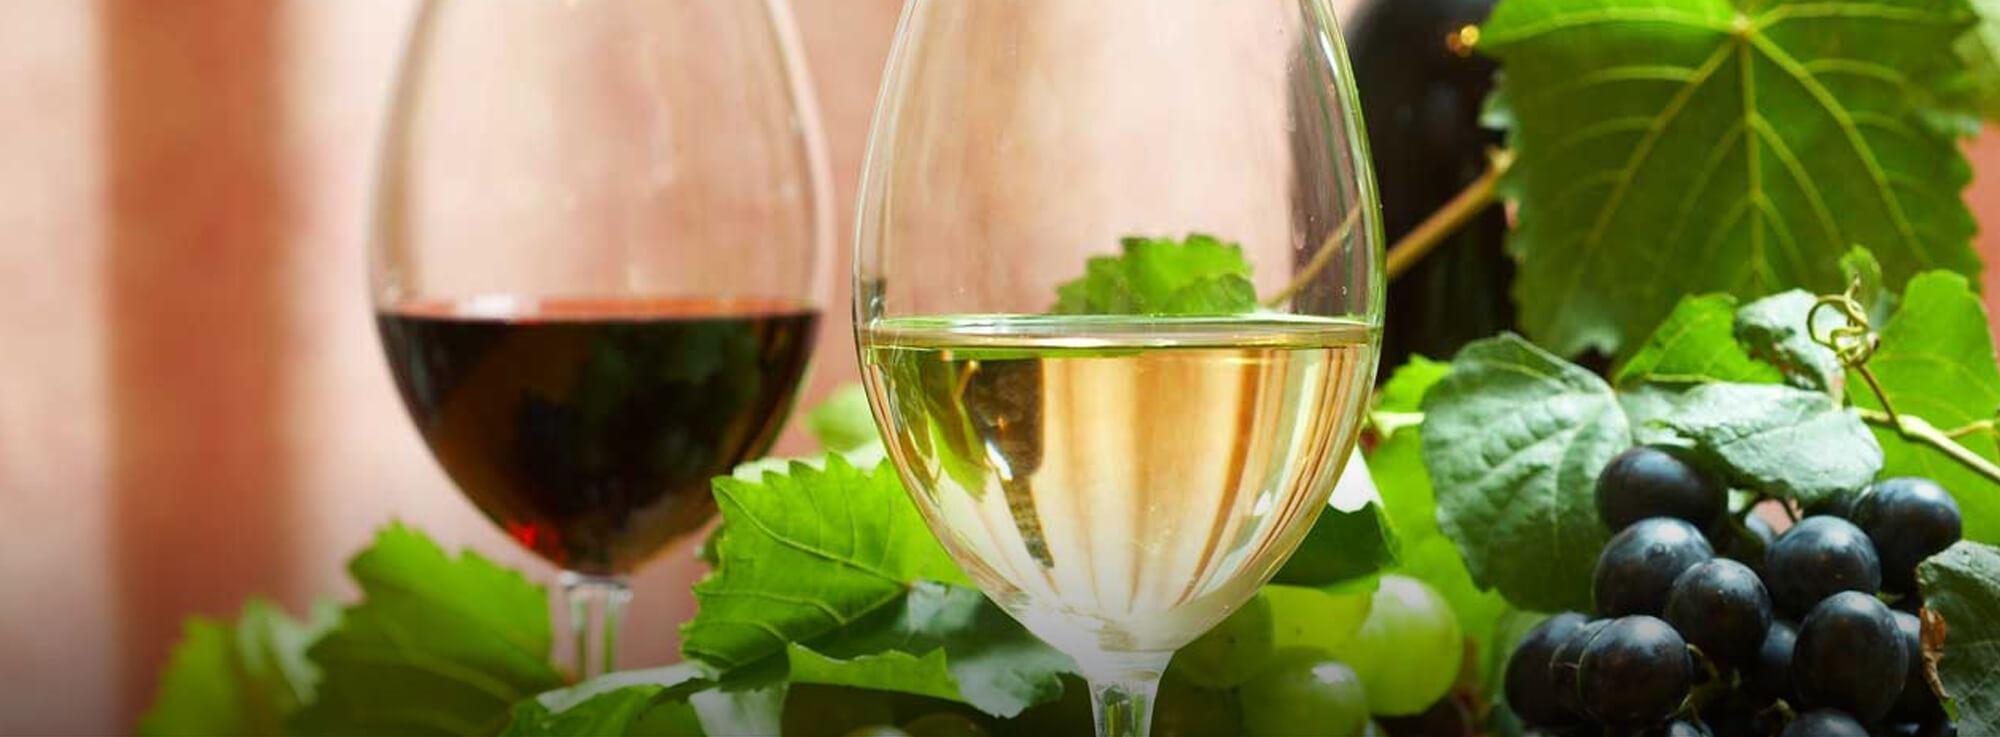 Latiano: Convegno sui Vini Pugliesi - Degustazione